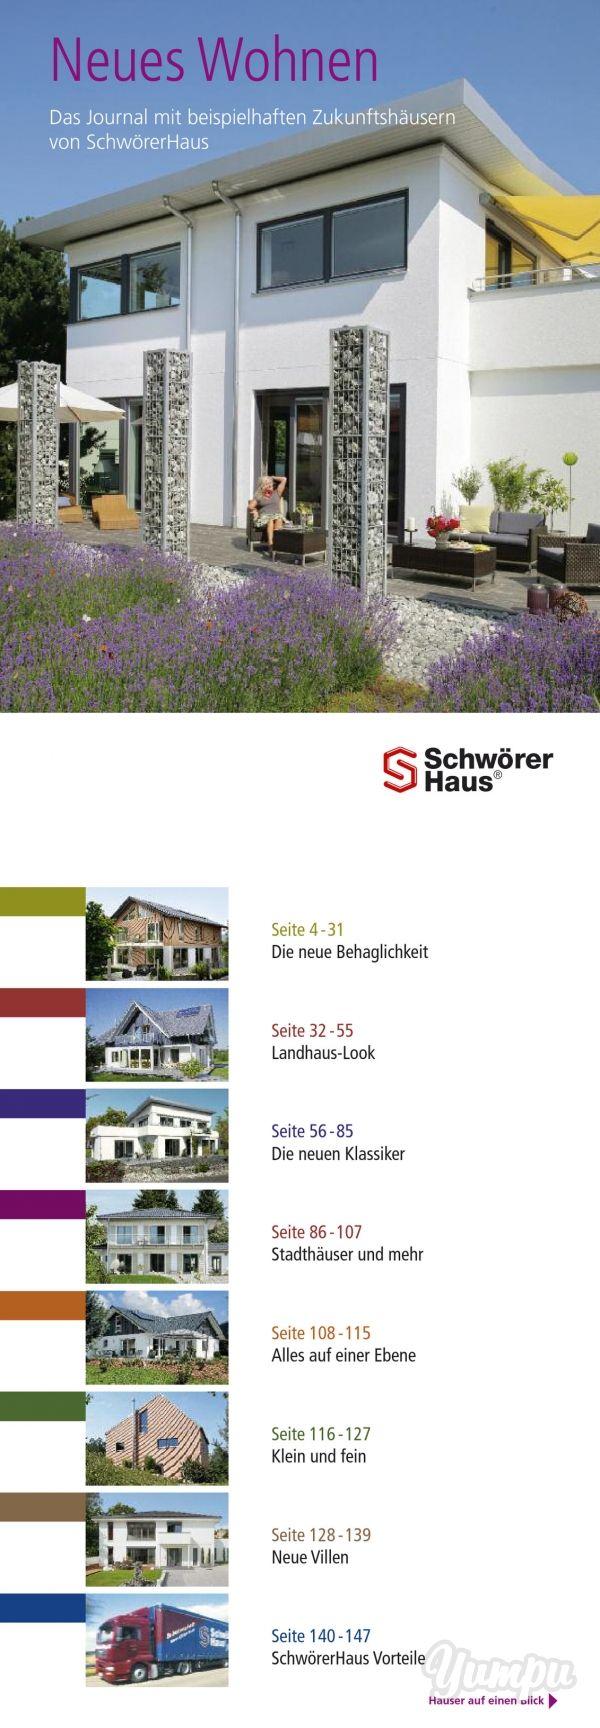 17 best ideas about schwörer haus on pinterest | schwörer, Garten Ideen